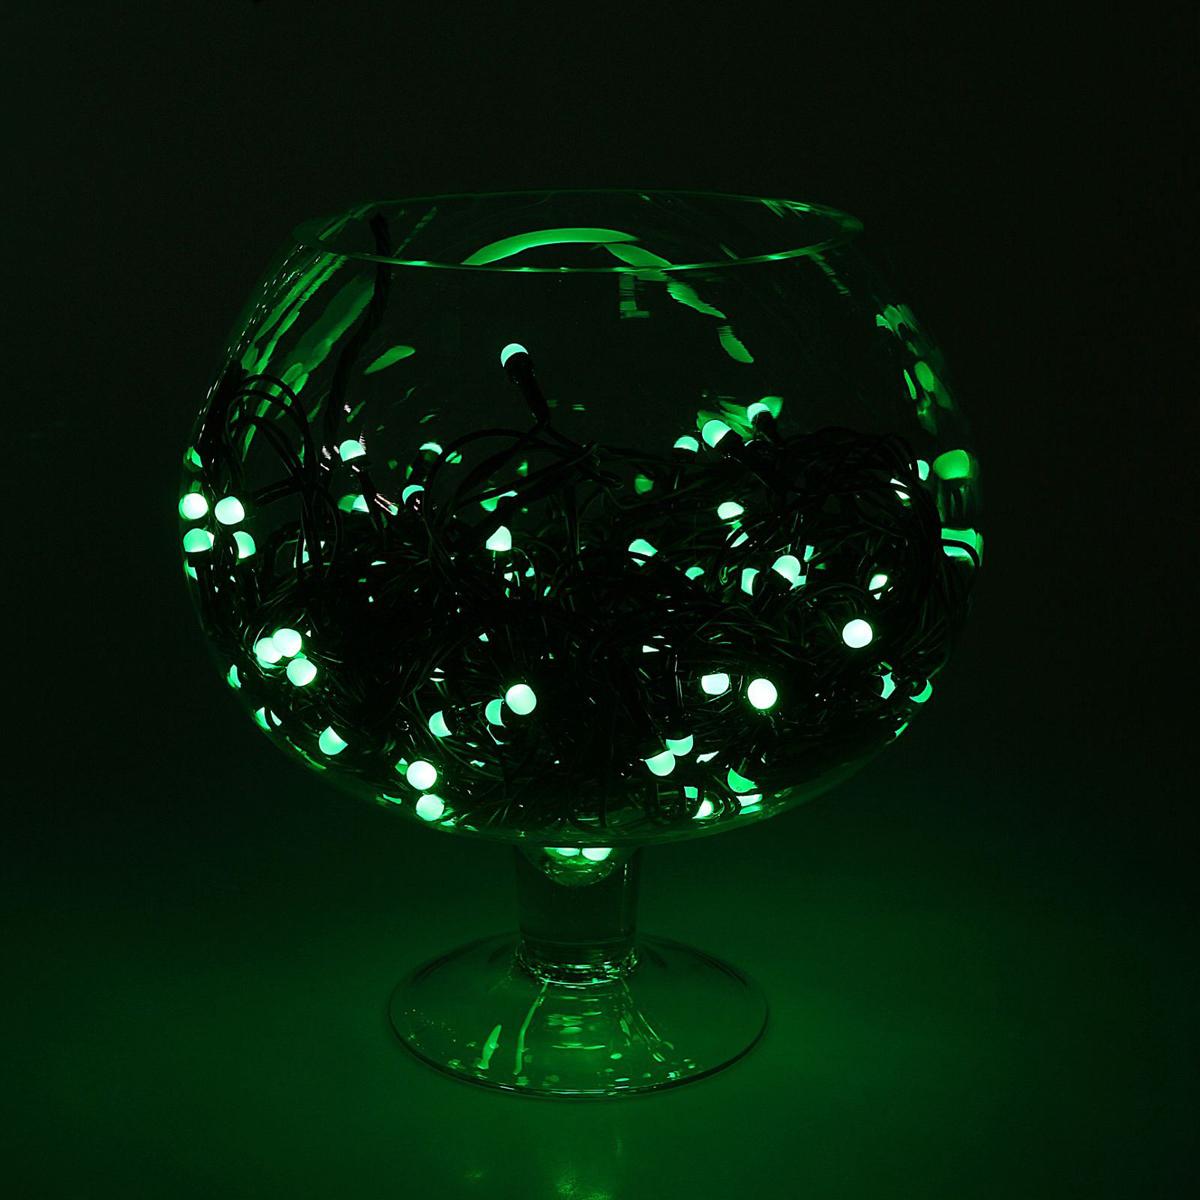 Гирлянда Luazon Метраж, длина 20 м, LED 200 ламп, 220V, цвет: зеленый1080574Светодиодные гирлянды, ленты и т.д — это отличный вариант для новогоднего оформления интерьера или фасада. С их помощью помещение любого размера можно превратить в праздничный зал, а внешние элементы зданий, украшенные ими, мгновенно станут напоминать очертания сказочного дворца. Такие украшения создают ауру предвкушения чуда. Деревья, фасады, витрины, окна и арки будто специально созданы, чтобы вы украсили их светящимися нитями.